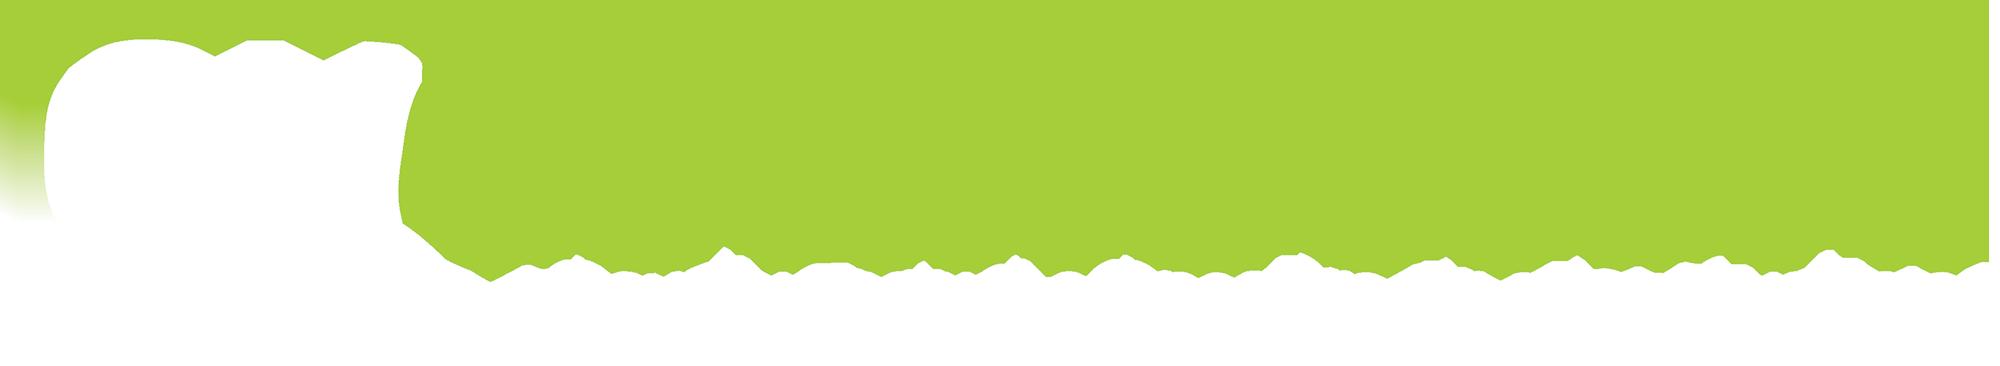 Ev Connectors Promo Codes